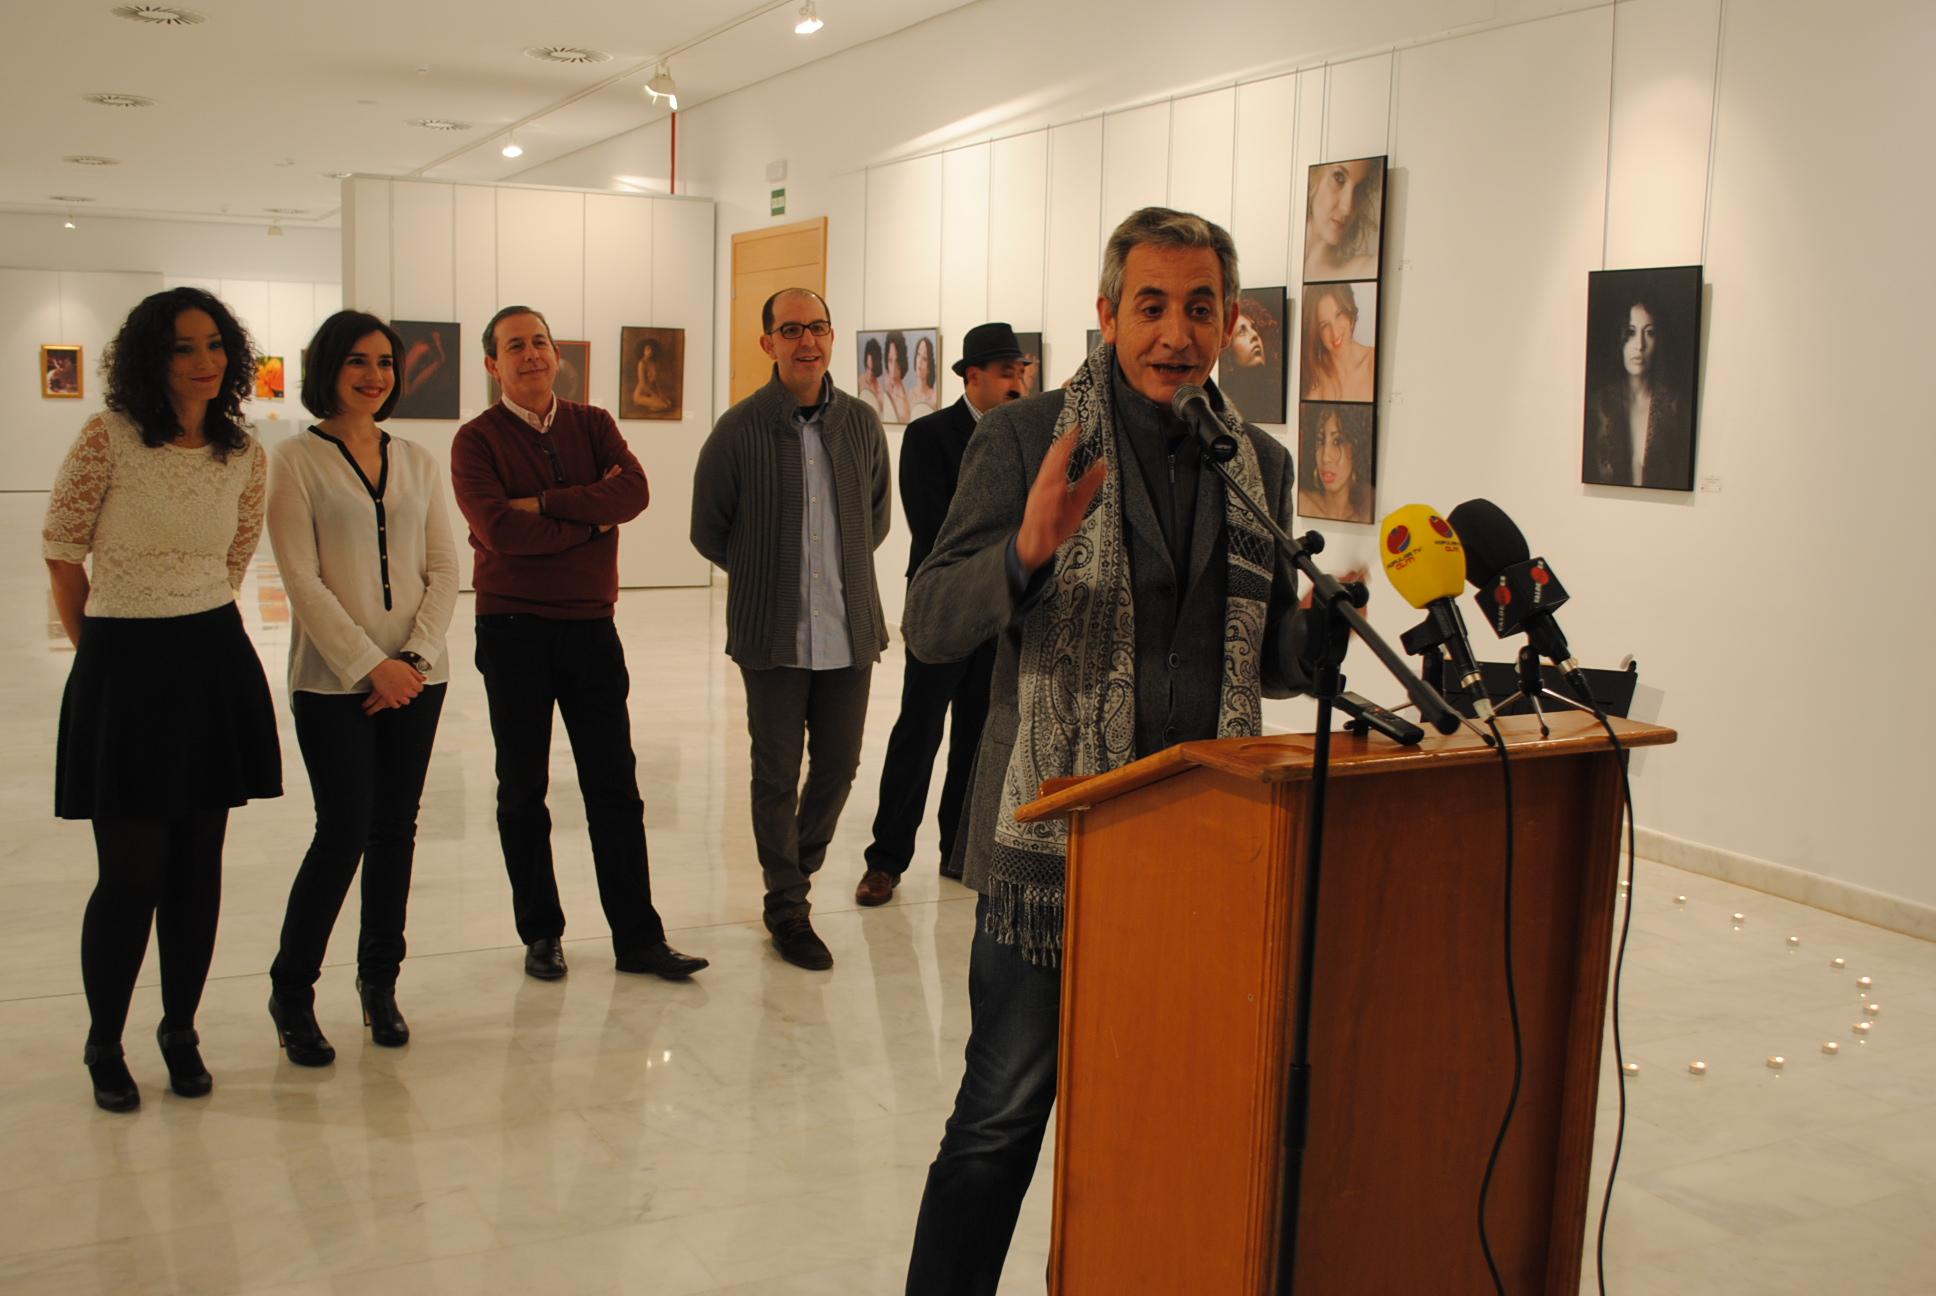 """El alcalde inauguró en La Confianza la exposición fotográfica de """"Group of artists"""" – Valdepeñas"""